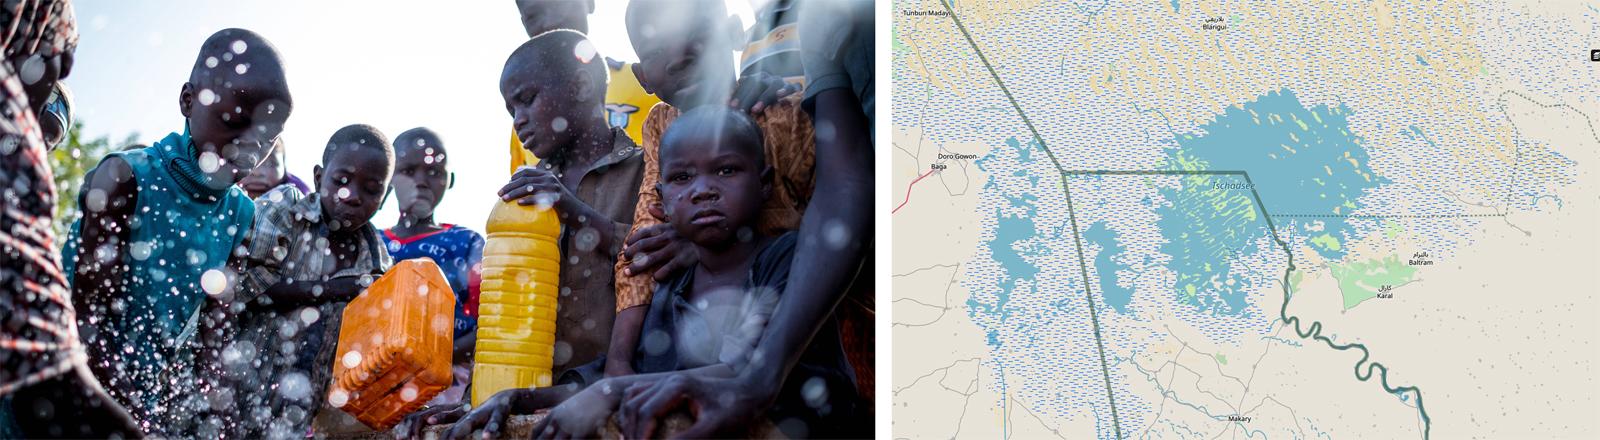 Flüchtlinge in Maiduguri in der Tschadseeregion im März 2017